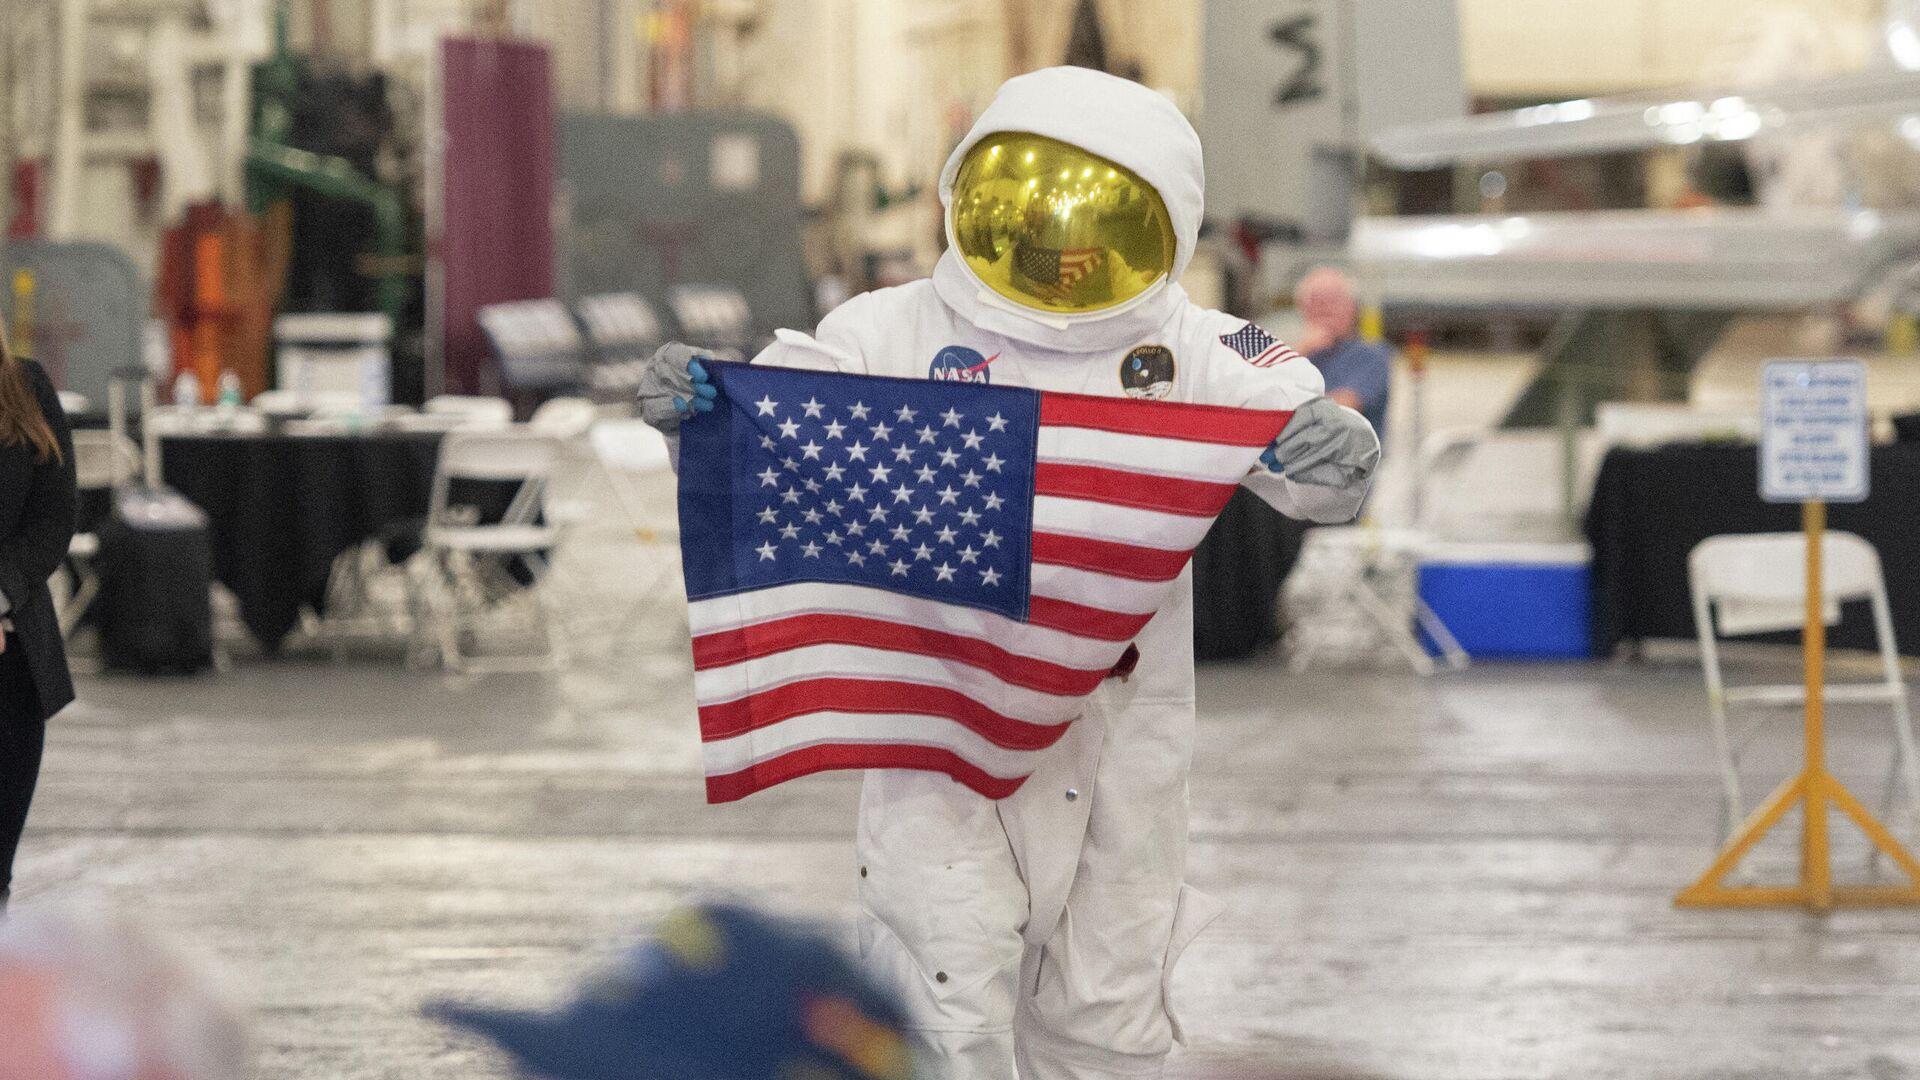 Празднование 50-летия со дня первого полета на Луну в Калифорнии, 2019 год  - РИА Новости, 1920, 13.08.2021